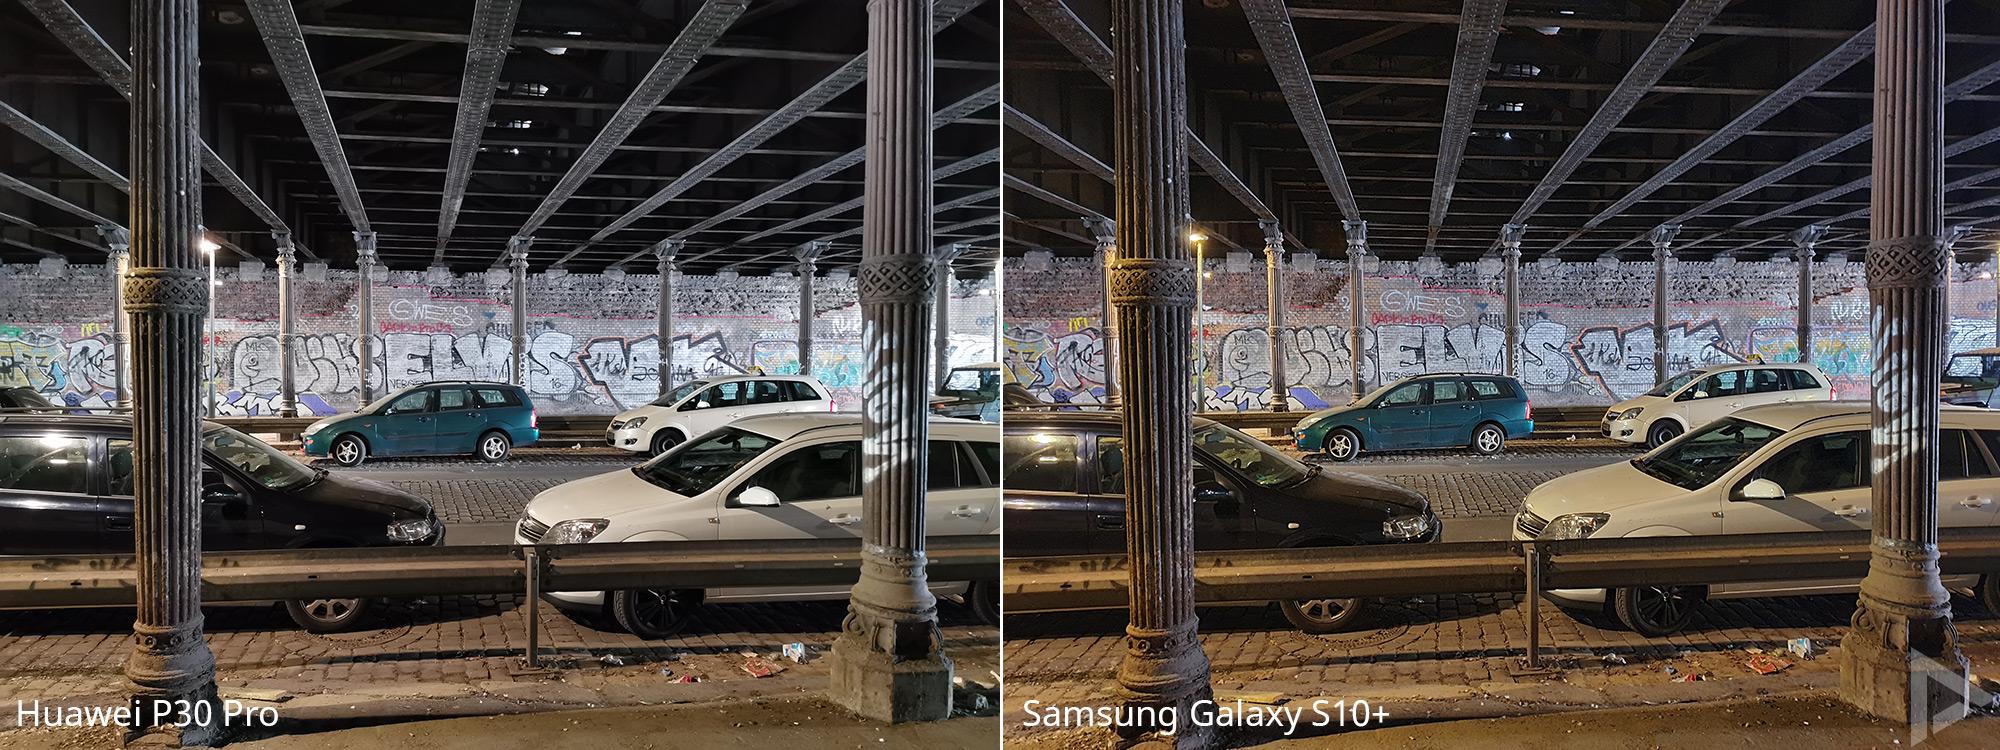 Fotovergelijking Huawei P30 Pro - Samsung Galaxy S10 2